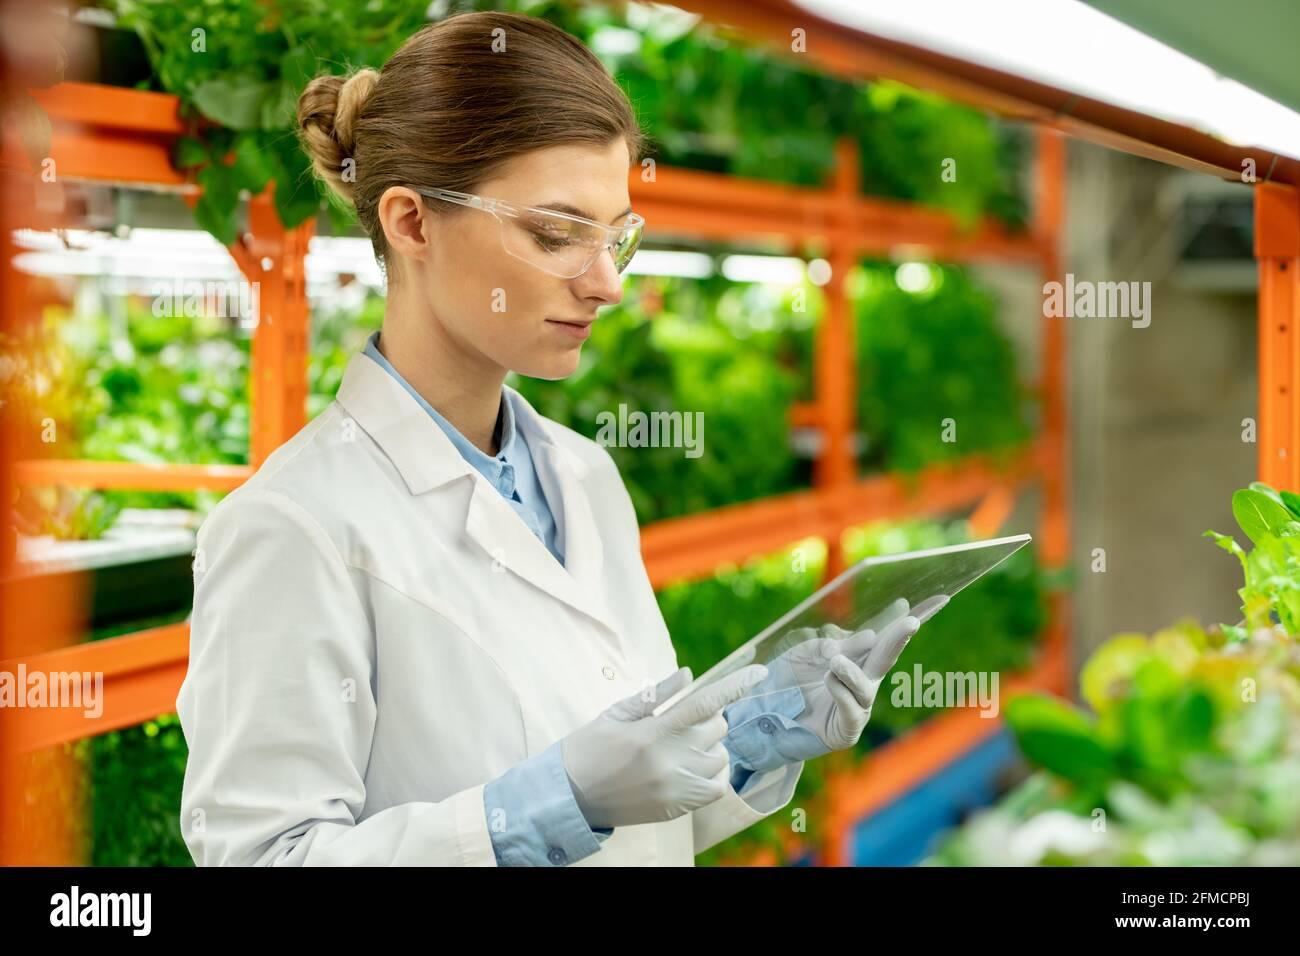 Jeune ingénieur agricole très occupé avec un cheveu interactif tout en analysant la croissance des plantes à la ferme verticale Banque D'Images